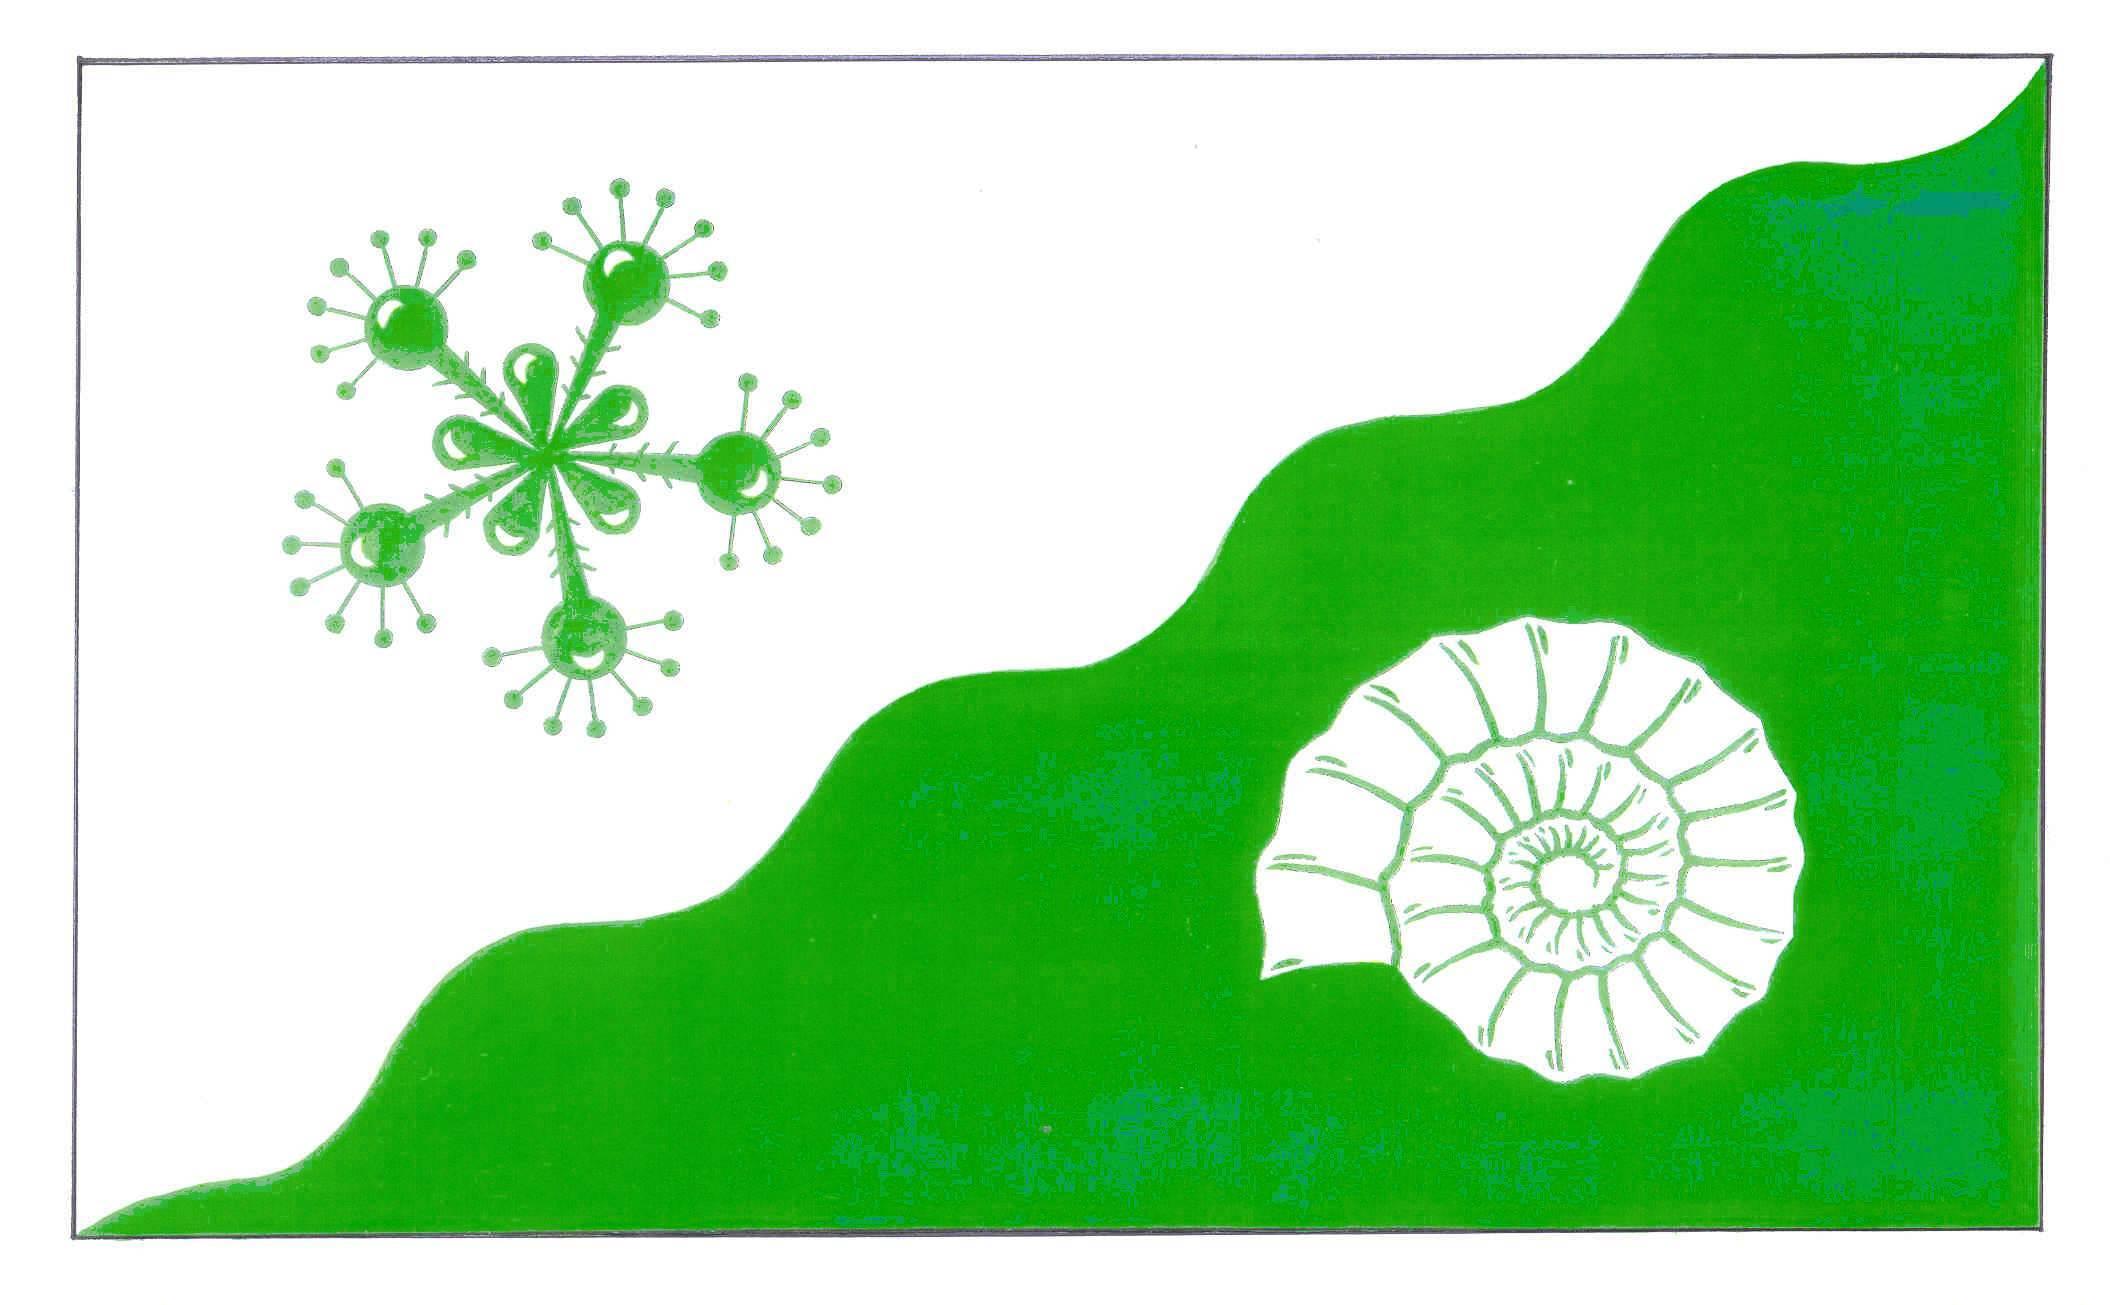 Flagge GemeindeTensfeld, Kreis Segeberg